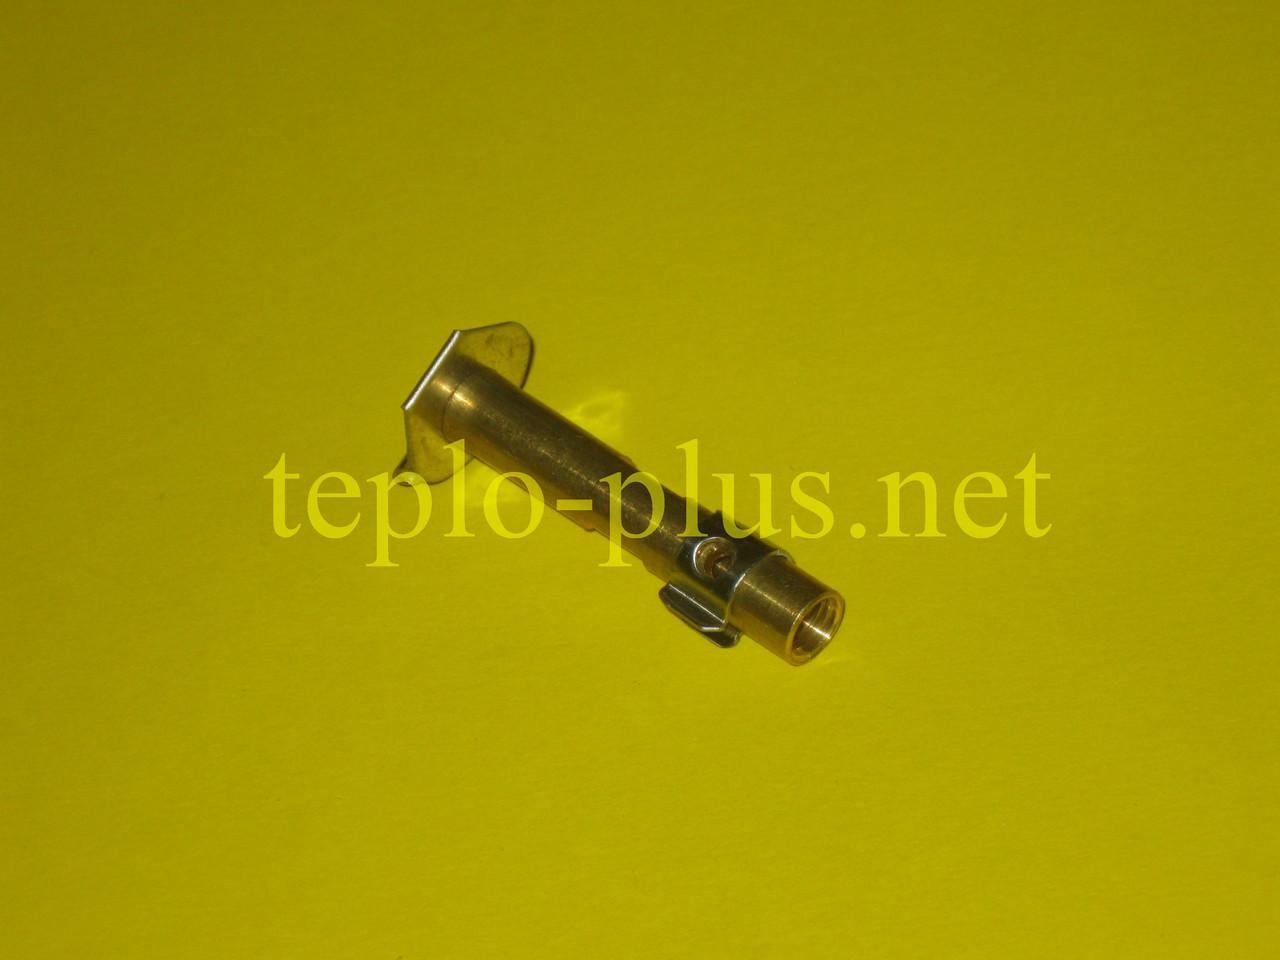 Запальная Ð3орелка (запальнÐк) B81610 Beretta Idrabagno Aqua 11, 14, фоÑ'о 2